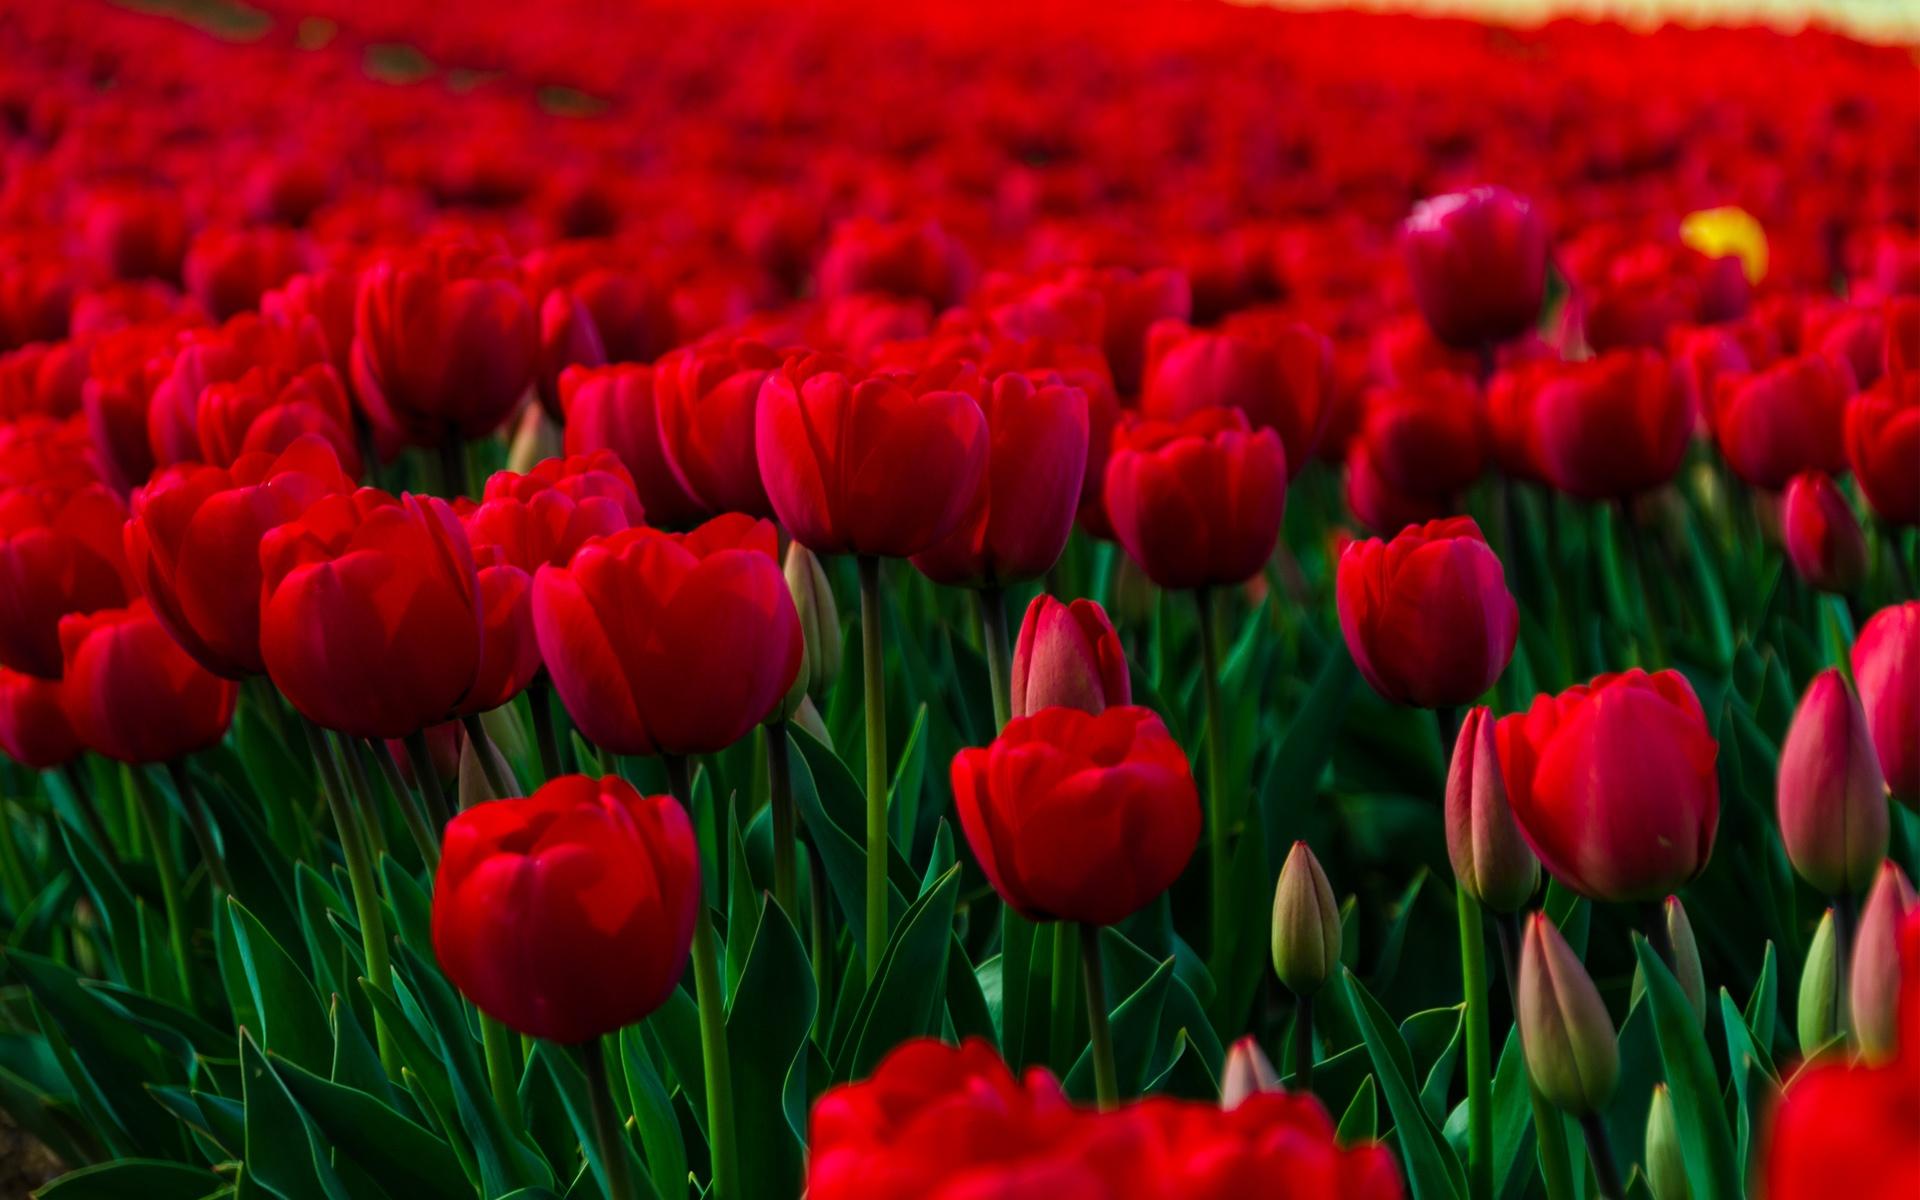 Rose Flowers Hd Wallpapers Flowers Healthy